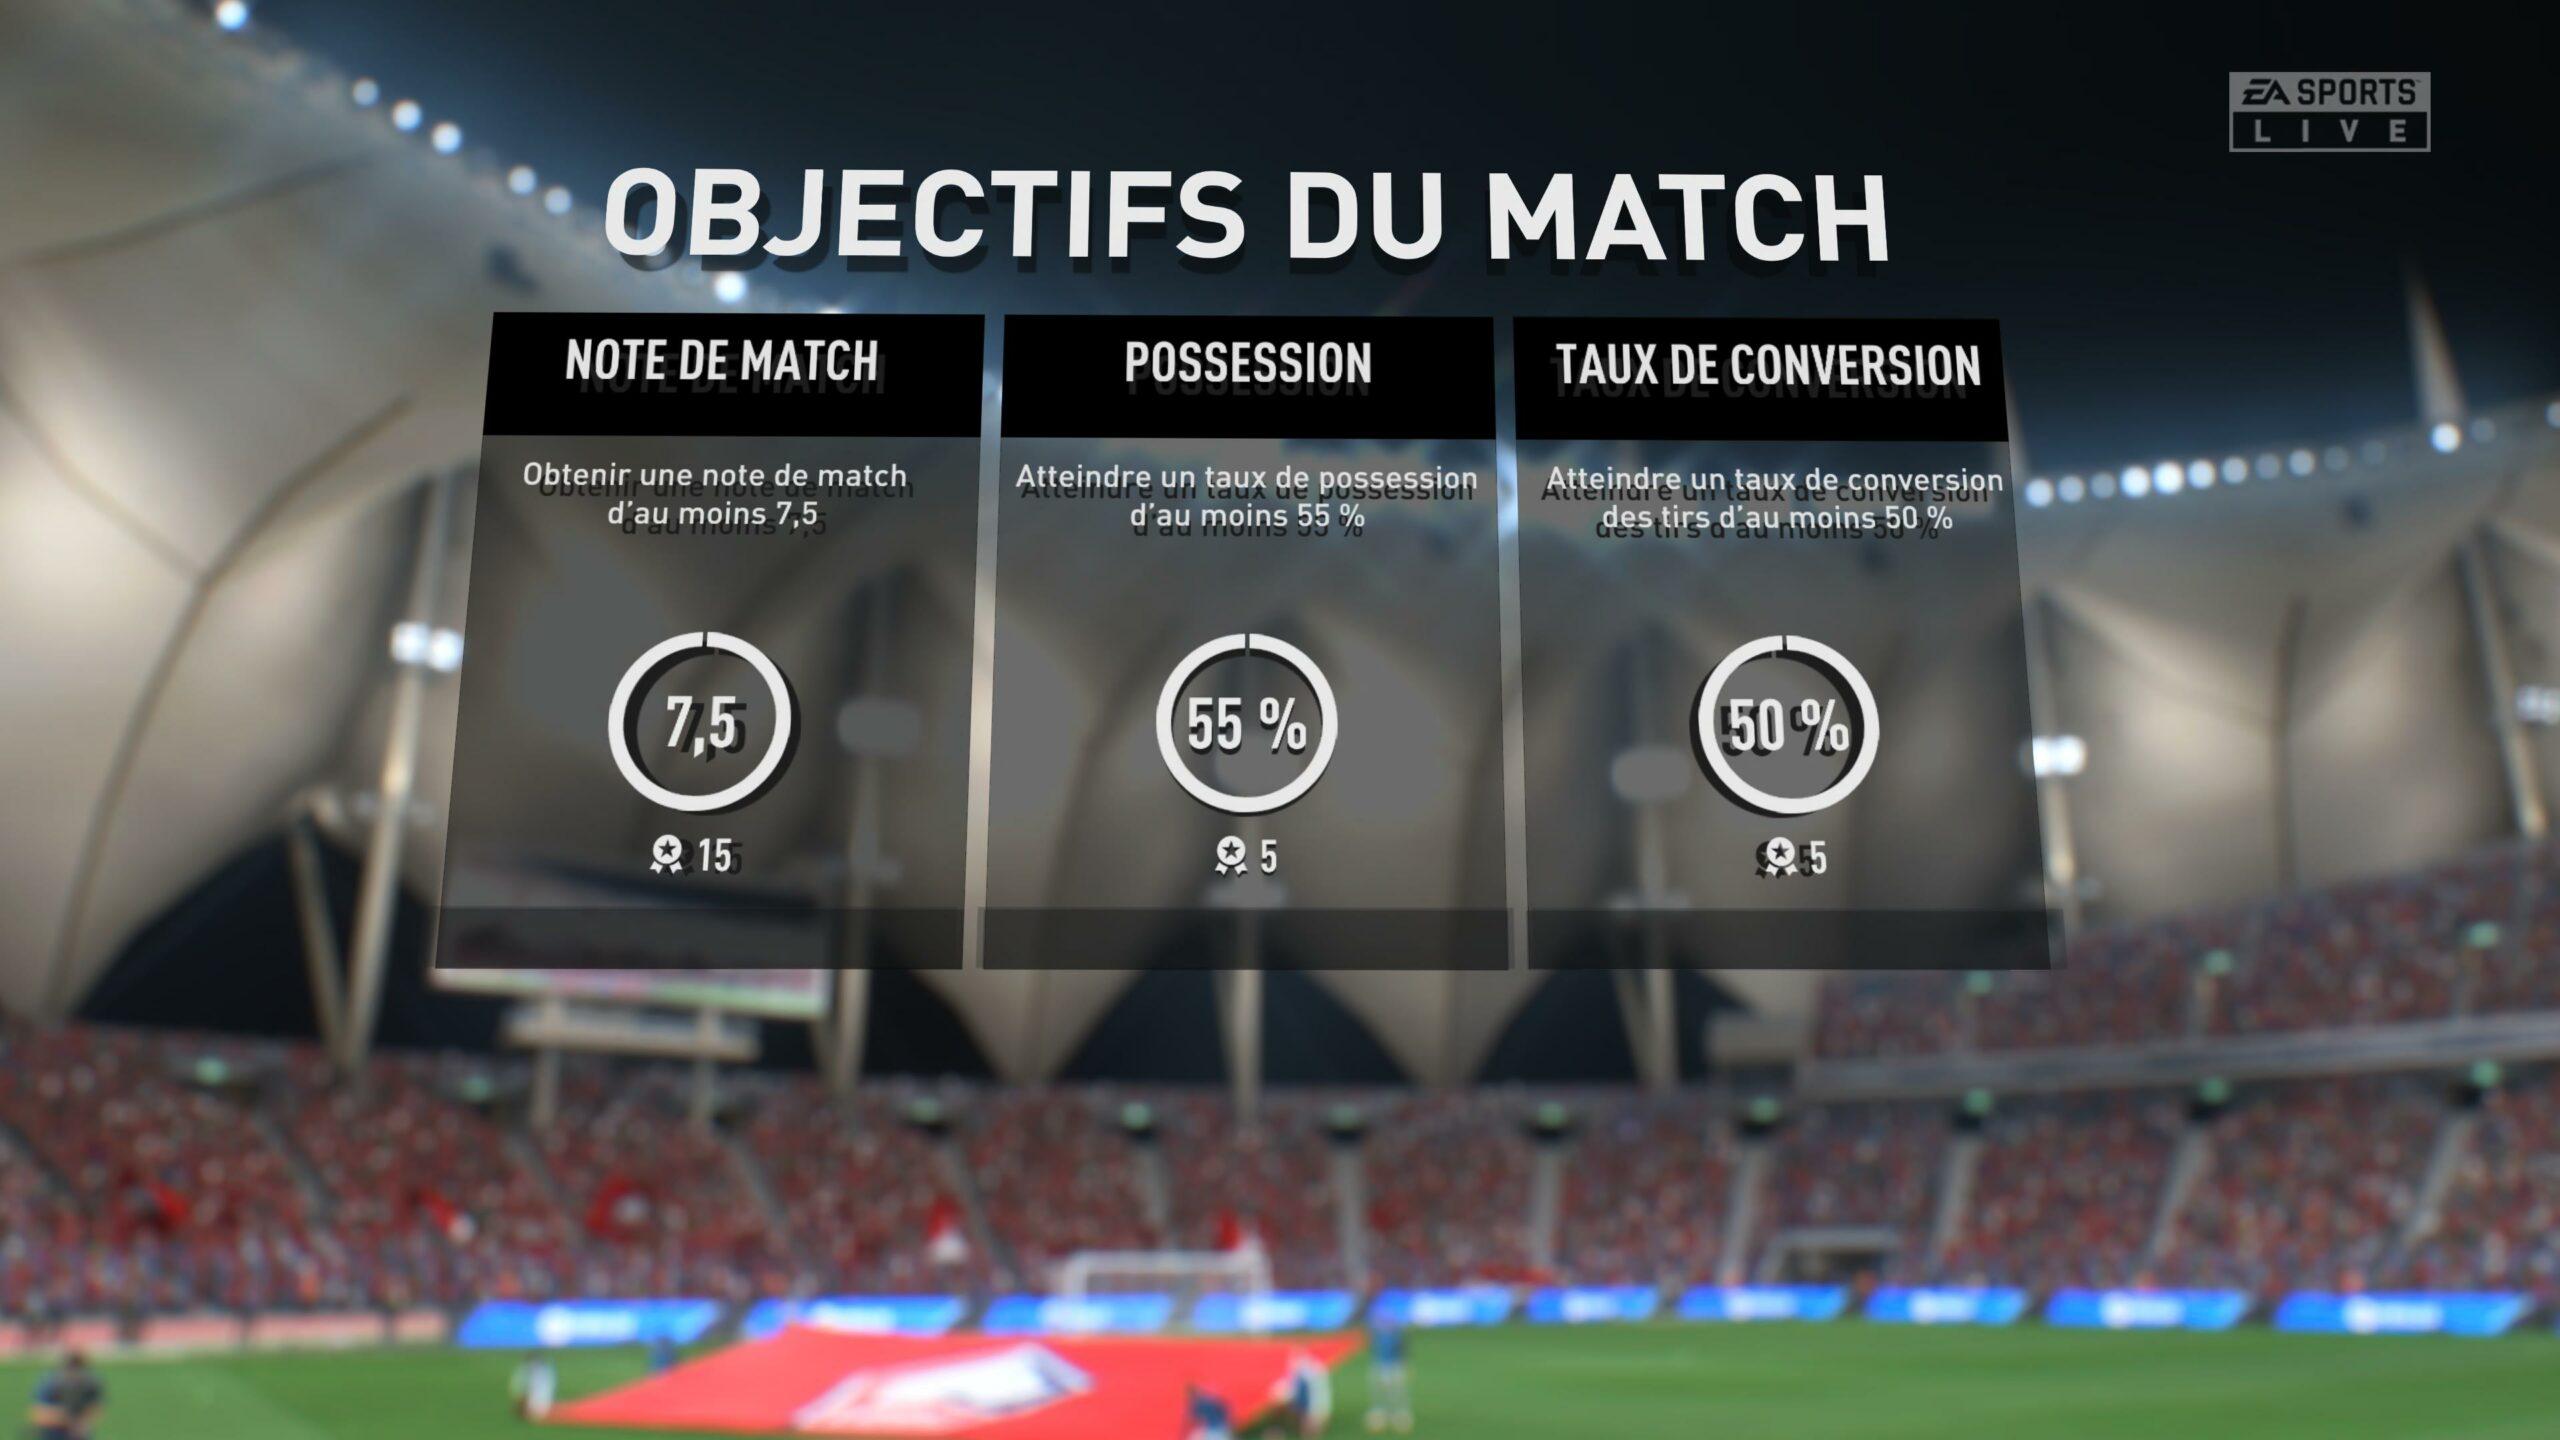 FIFA 22 Objectifs Carrière Joueur